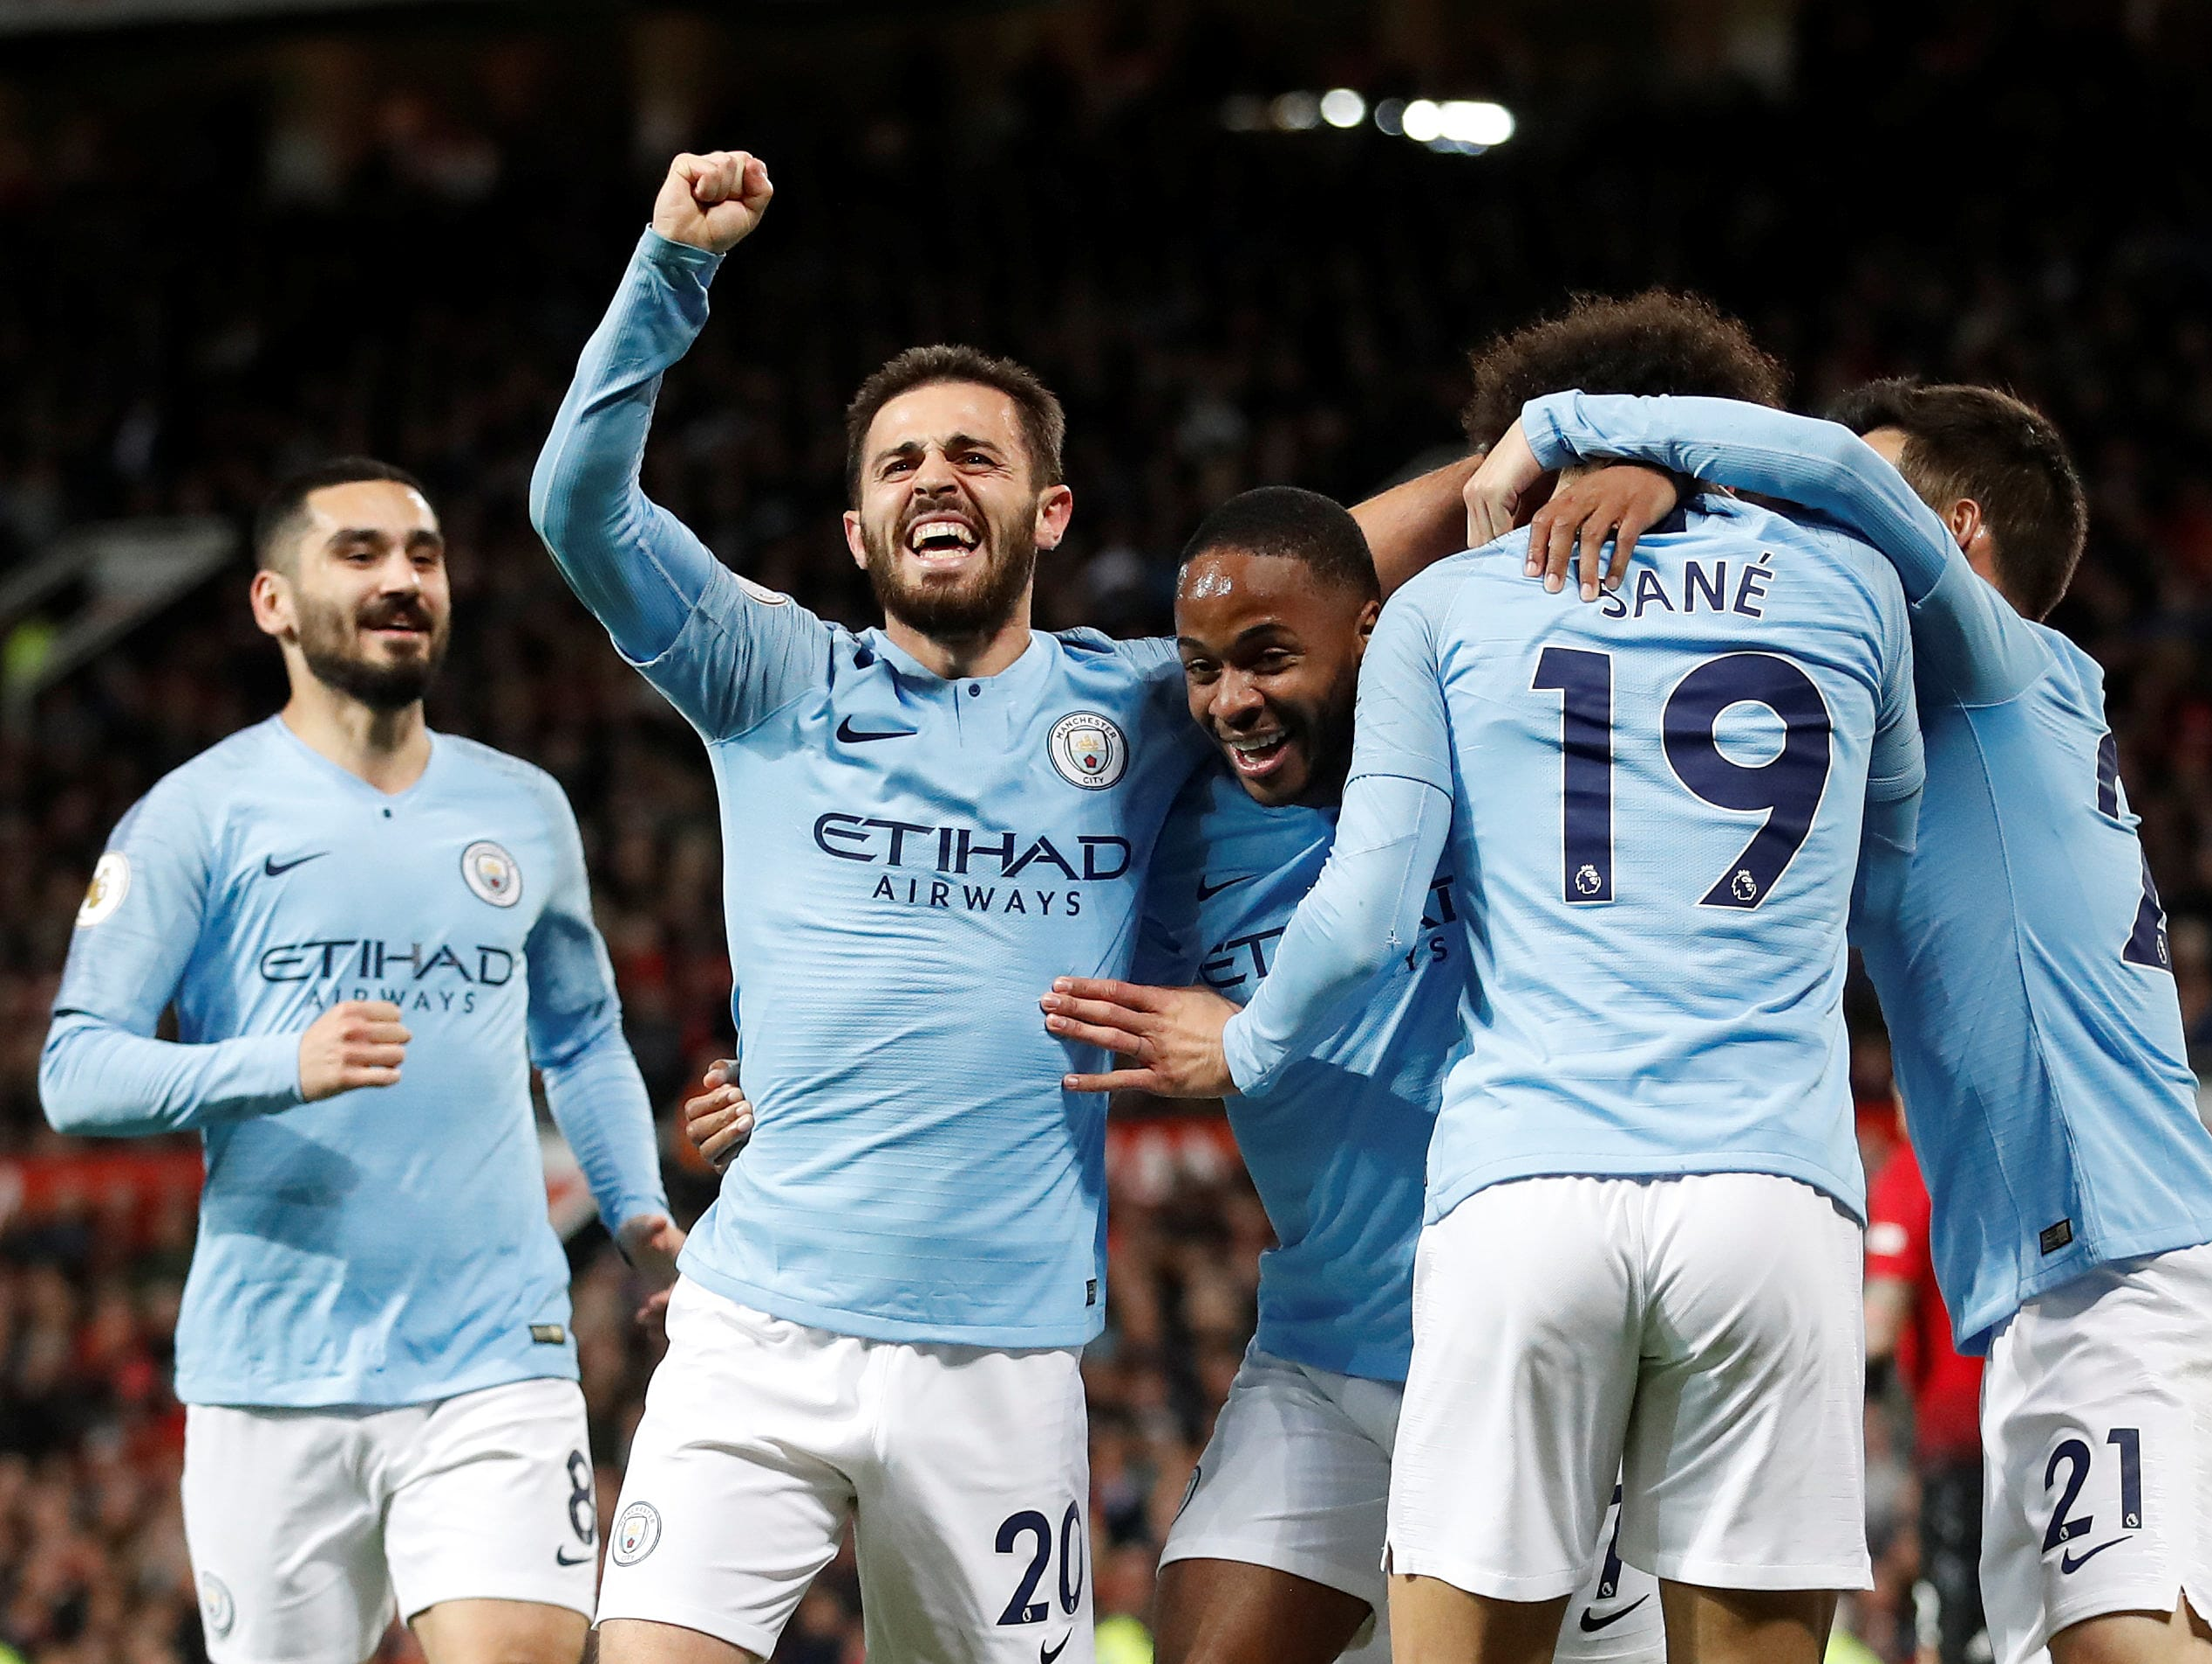 מנצ'סטר סיטי ניצחה את מנצ'סטר יונייטד 0:2 בחוץ ועלתה לפסגת הפרמיירליג